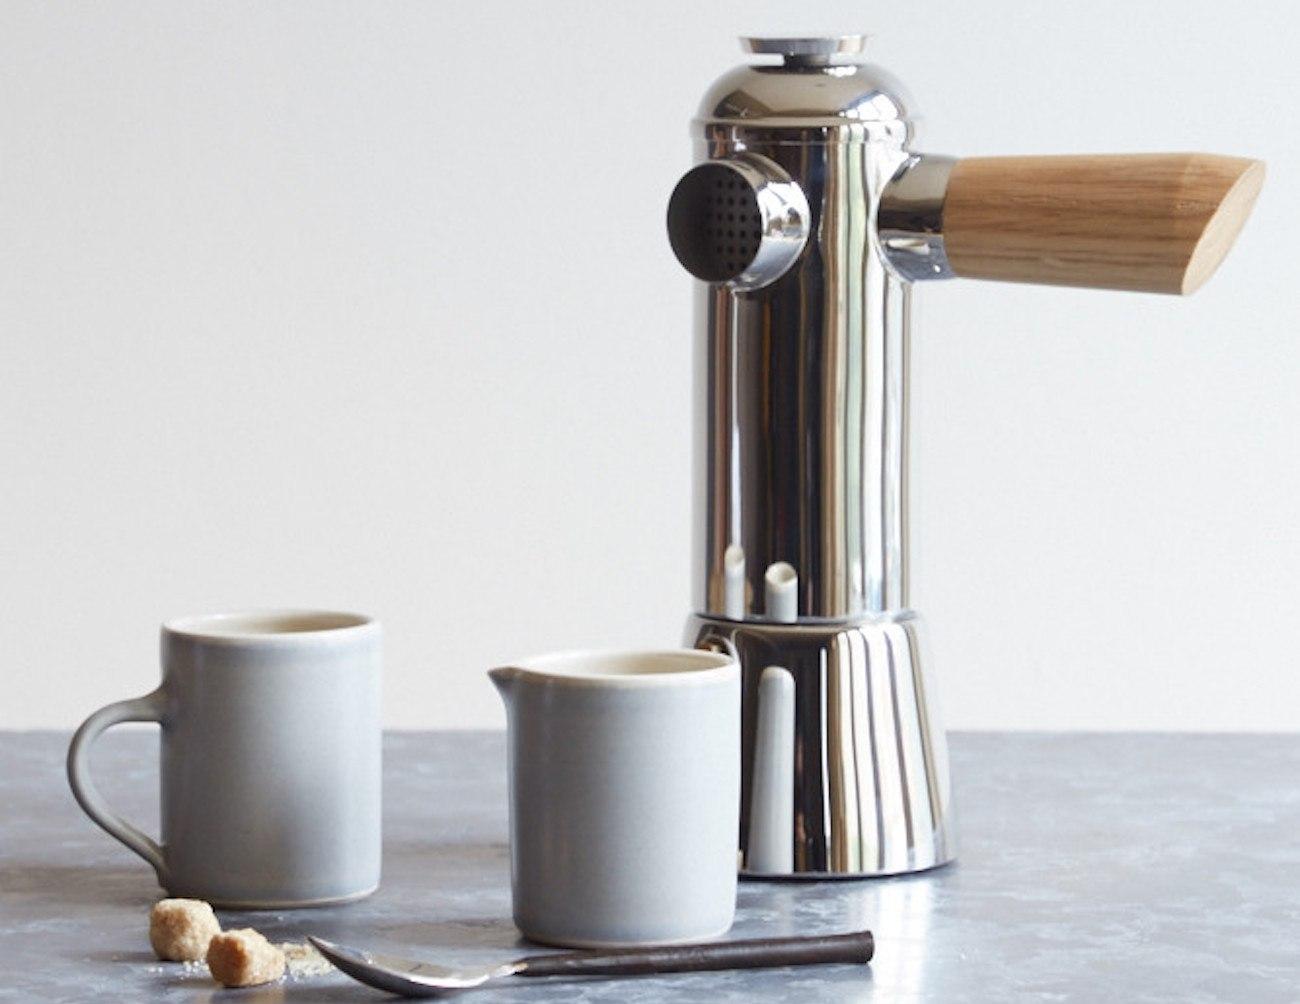 Freud+Stovetop+Espresso+Maker